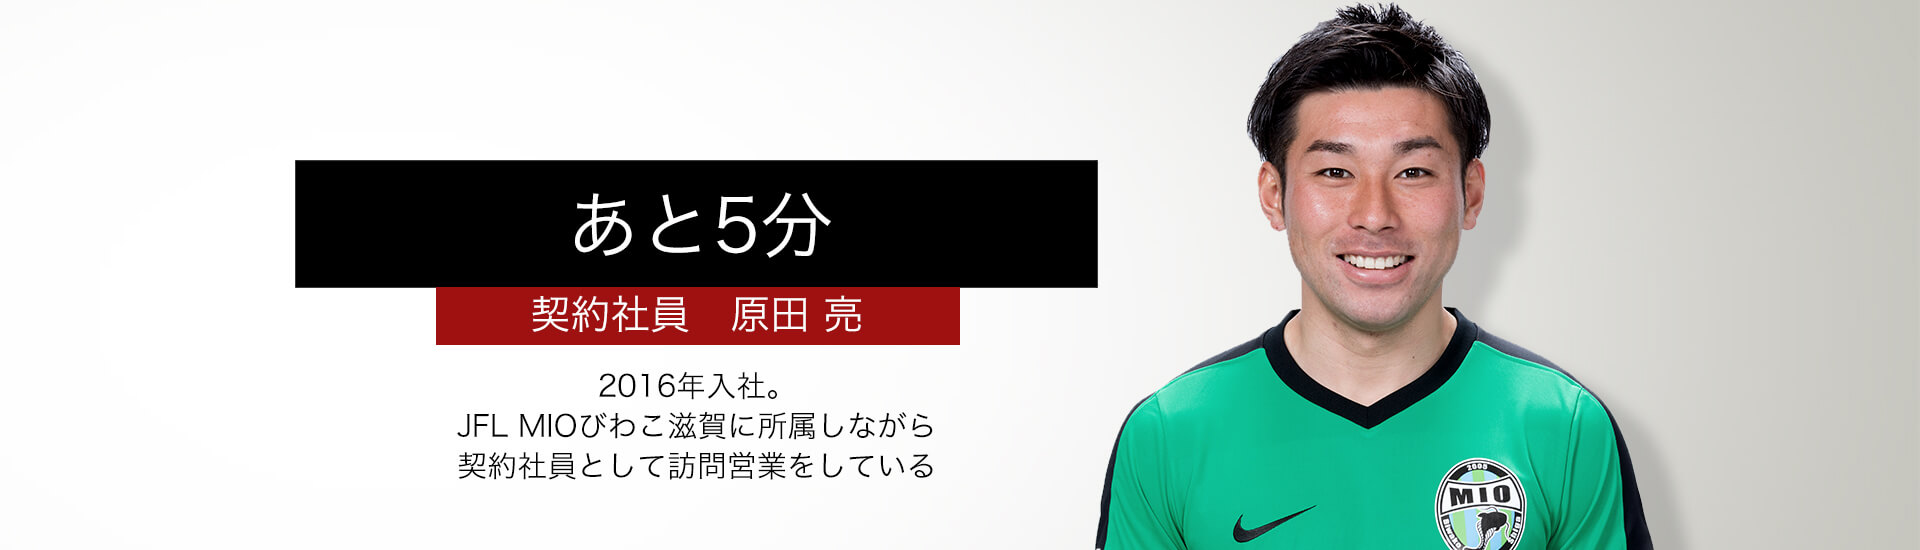 あと5分 契約社員 原田亮